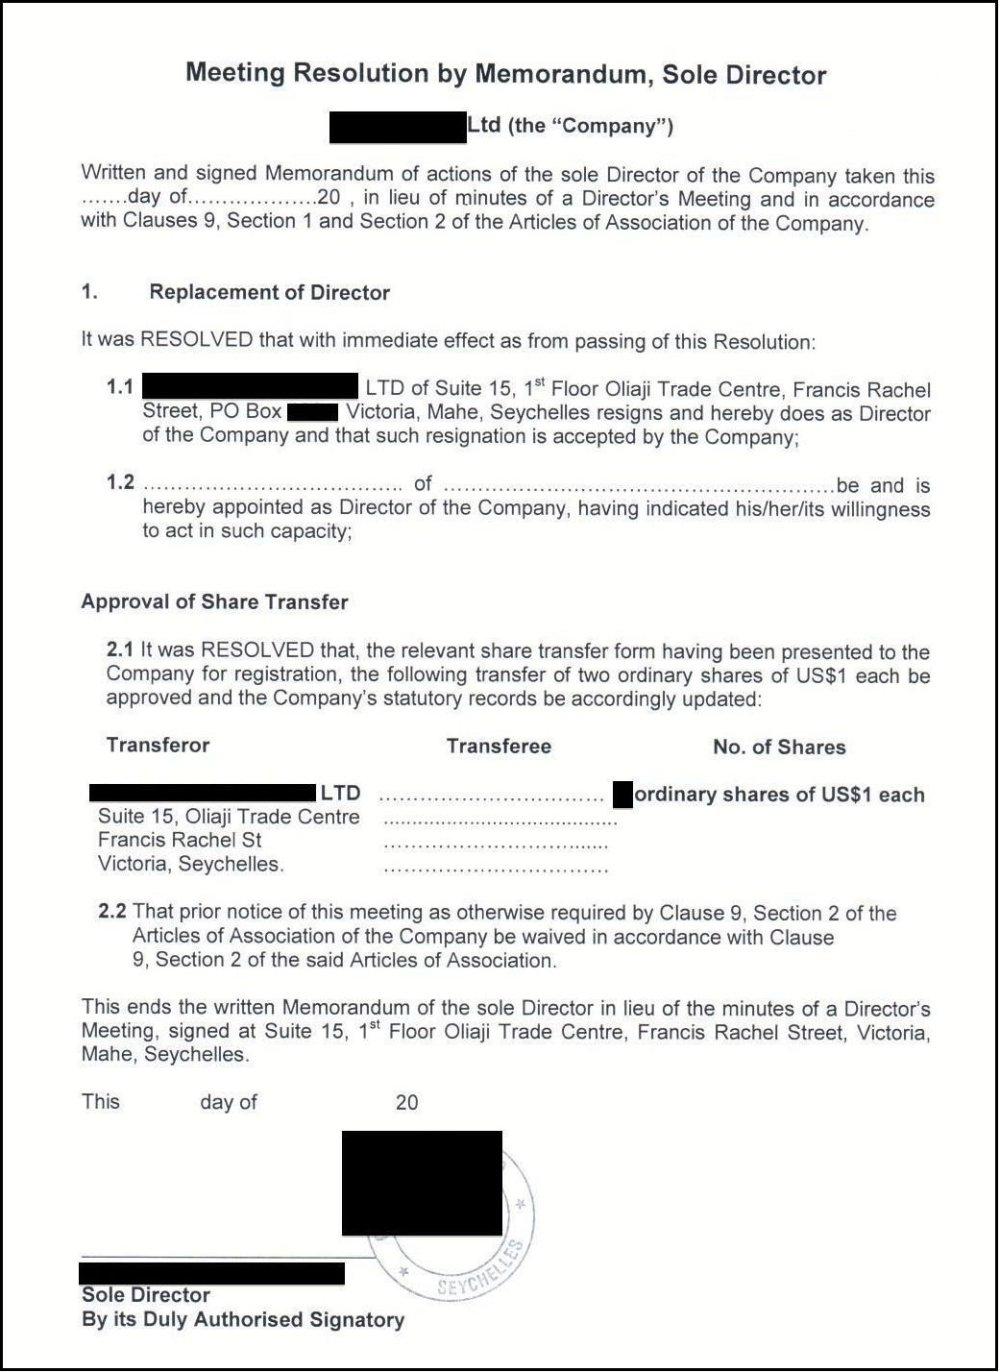 Predvyplnené a opečiatkované rozhodnutie o tom, že pôvodný konateľ už nie je konateľom a podiely vo firme sa prepisujú na nového nadobúdateľa - stačí doplniť jeho meno a dátum.